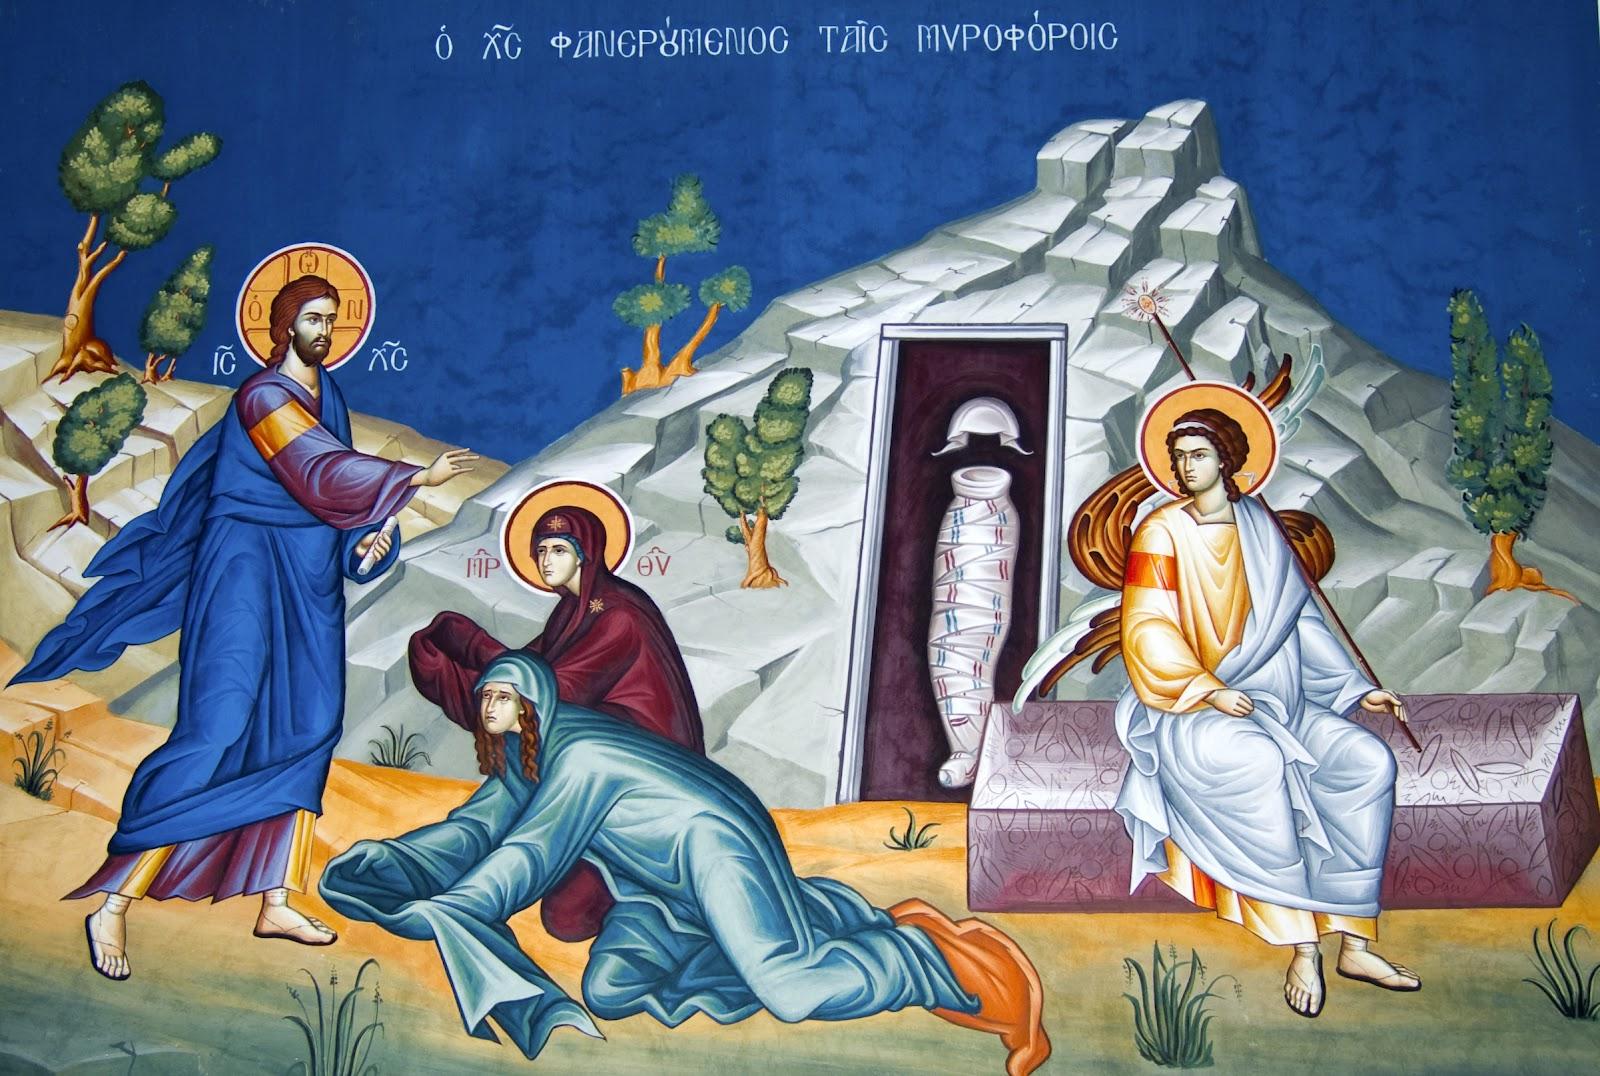 Αποτέλεσμα εικόνας για ΜΥΡΟΦΟΡΕΣ ΙΗΣΟΥΣ